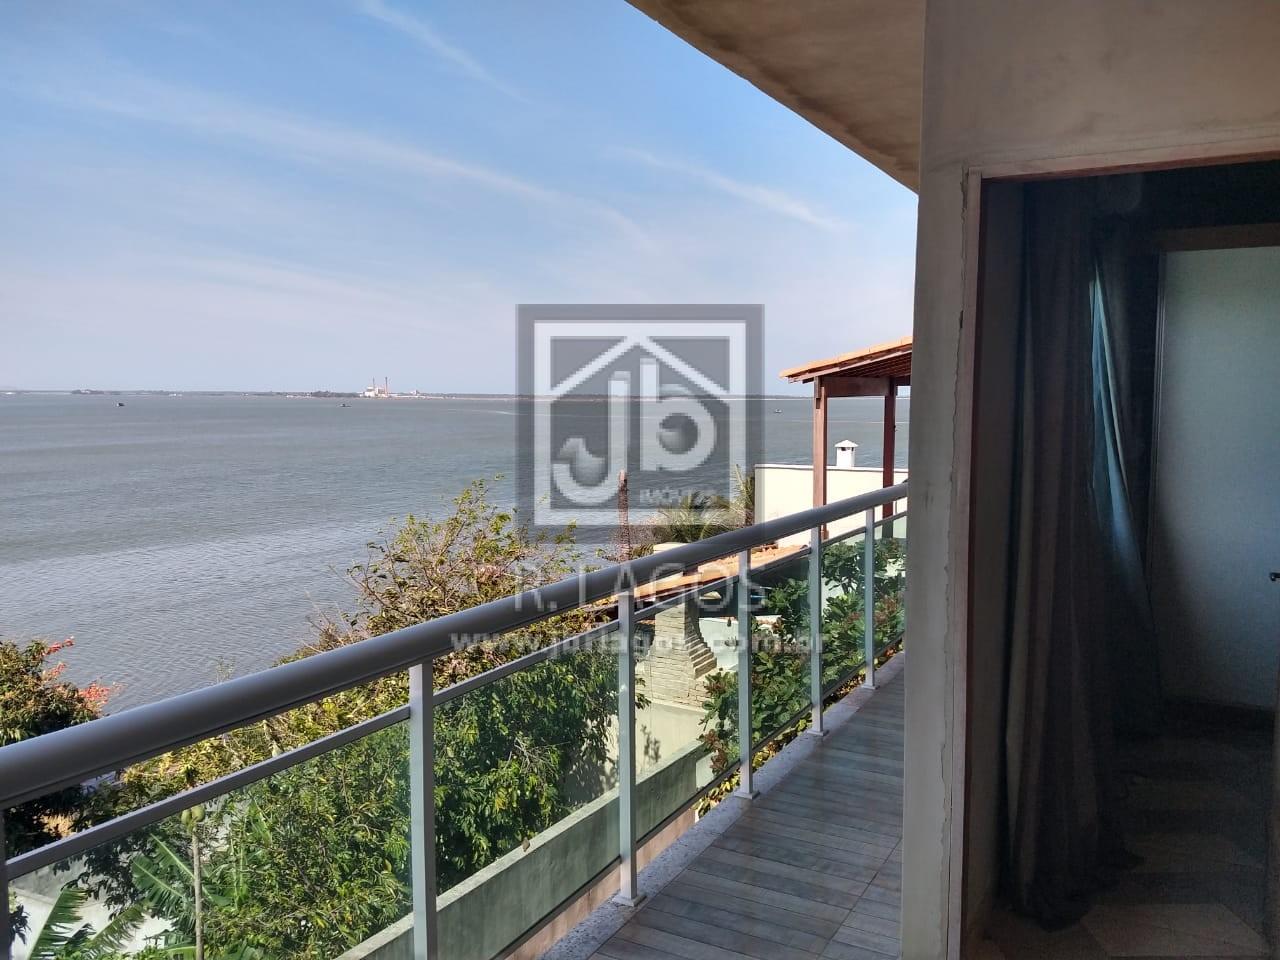 Casa na segurança de um condomínio, porém independente, linda vista e acesso a Lagoa, perto do comércio e condução